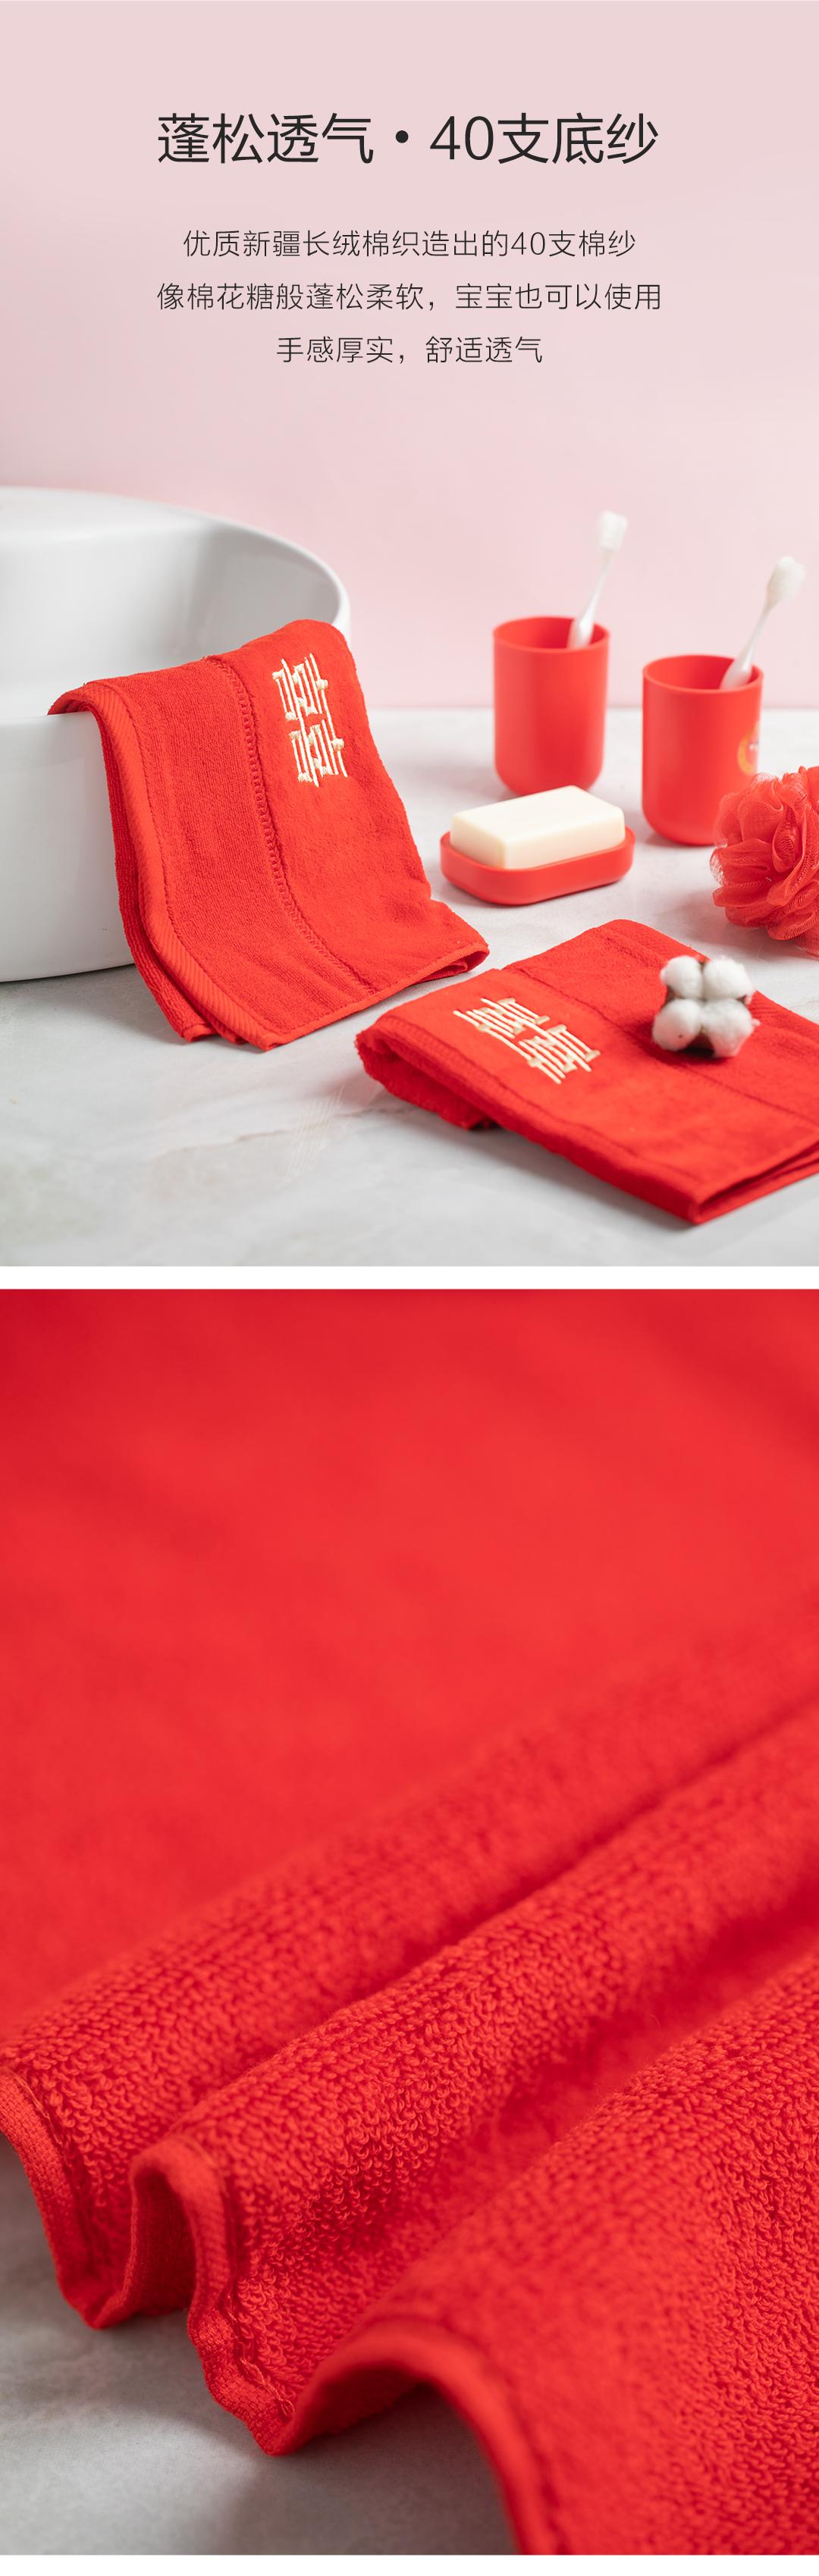 【一对礼盒装】全棉喜字情侣毛巾